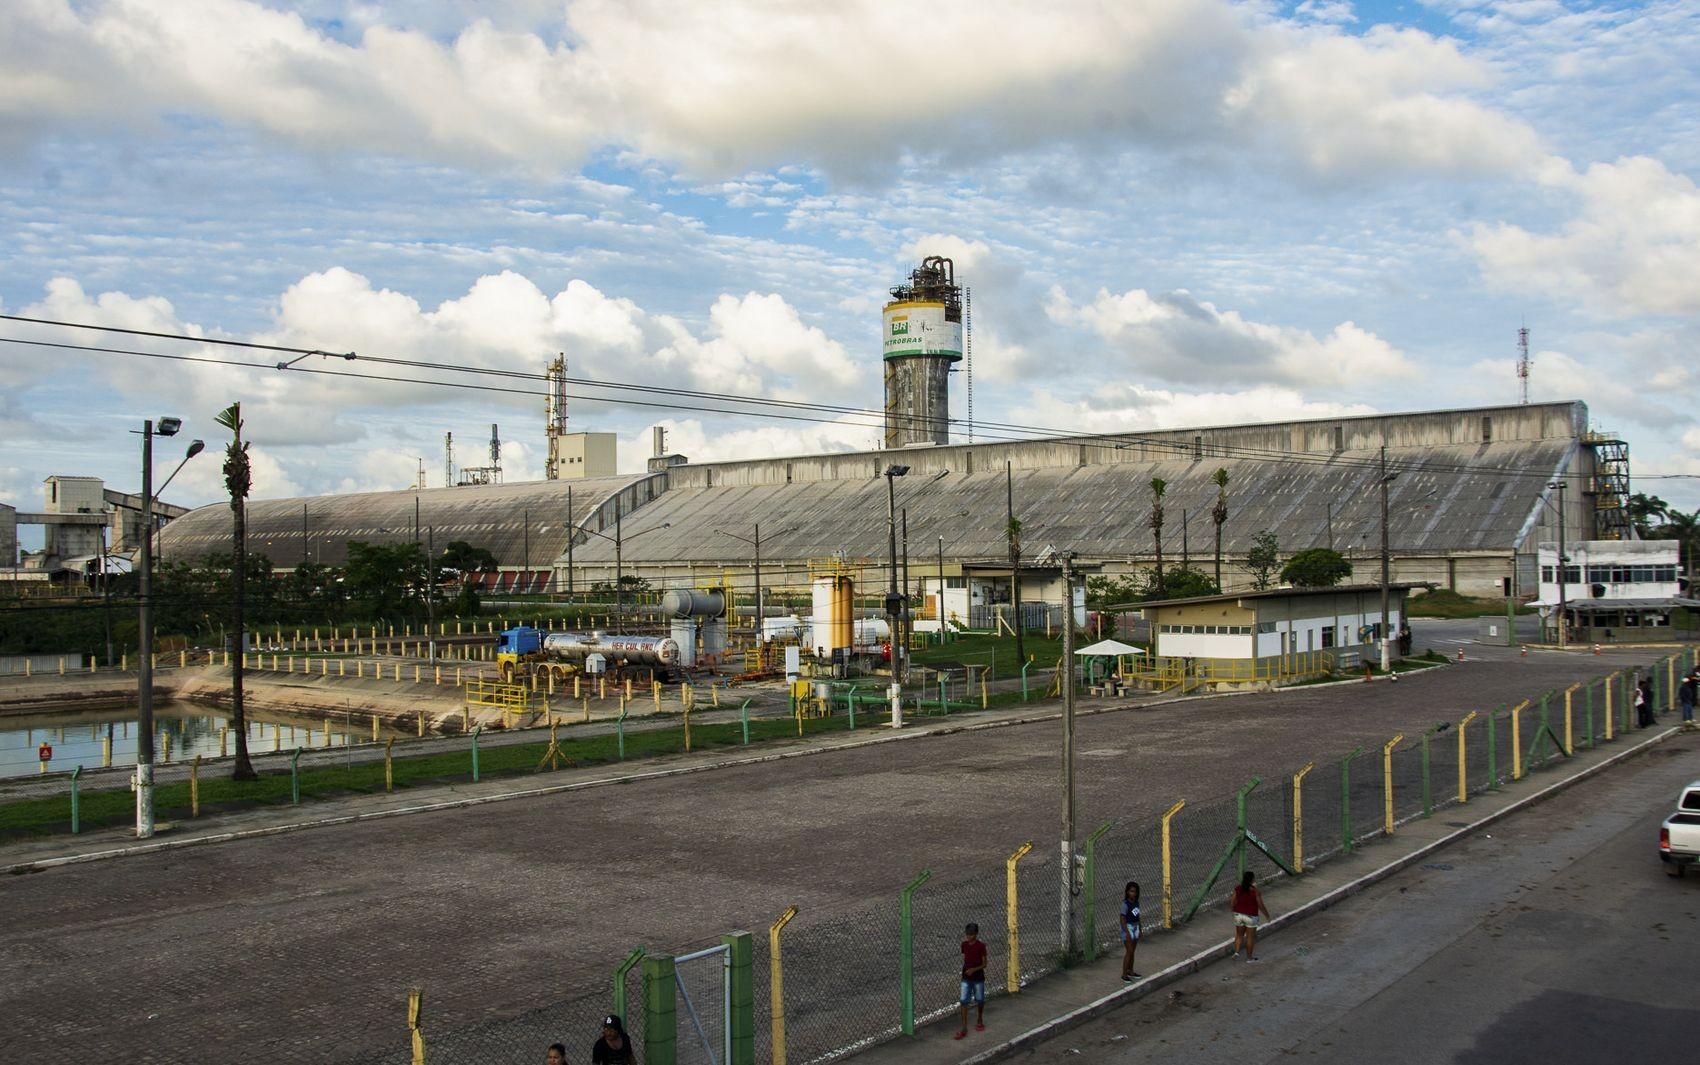 Petrobras analisa única proposta recebida para arrendamento das Fafens de Sergipe e da Bahia - Notícias - Plantão Diário